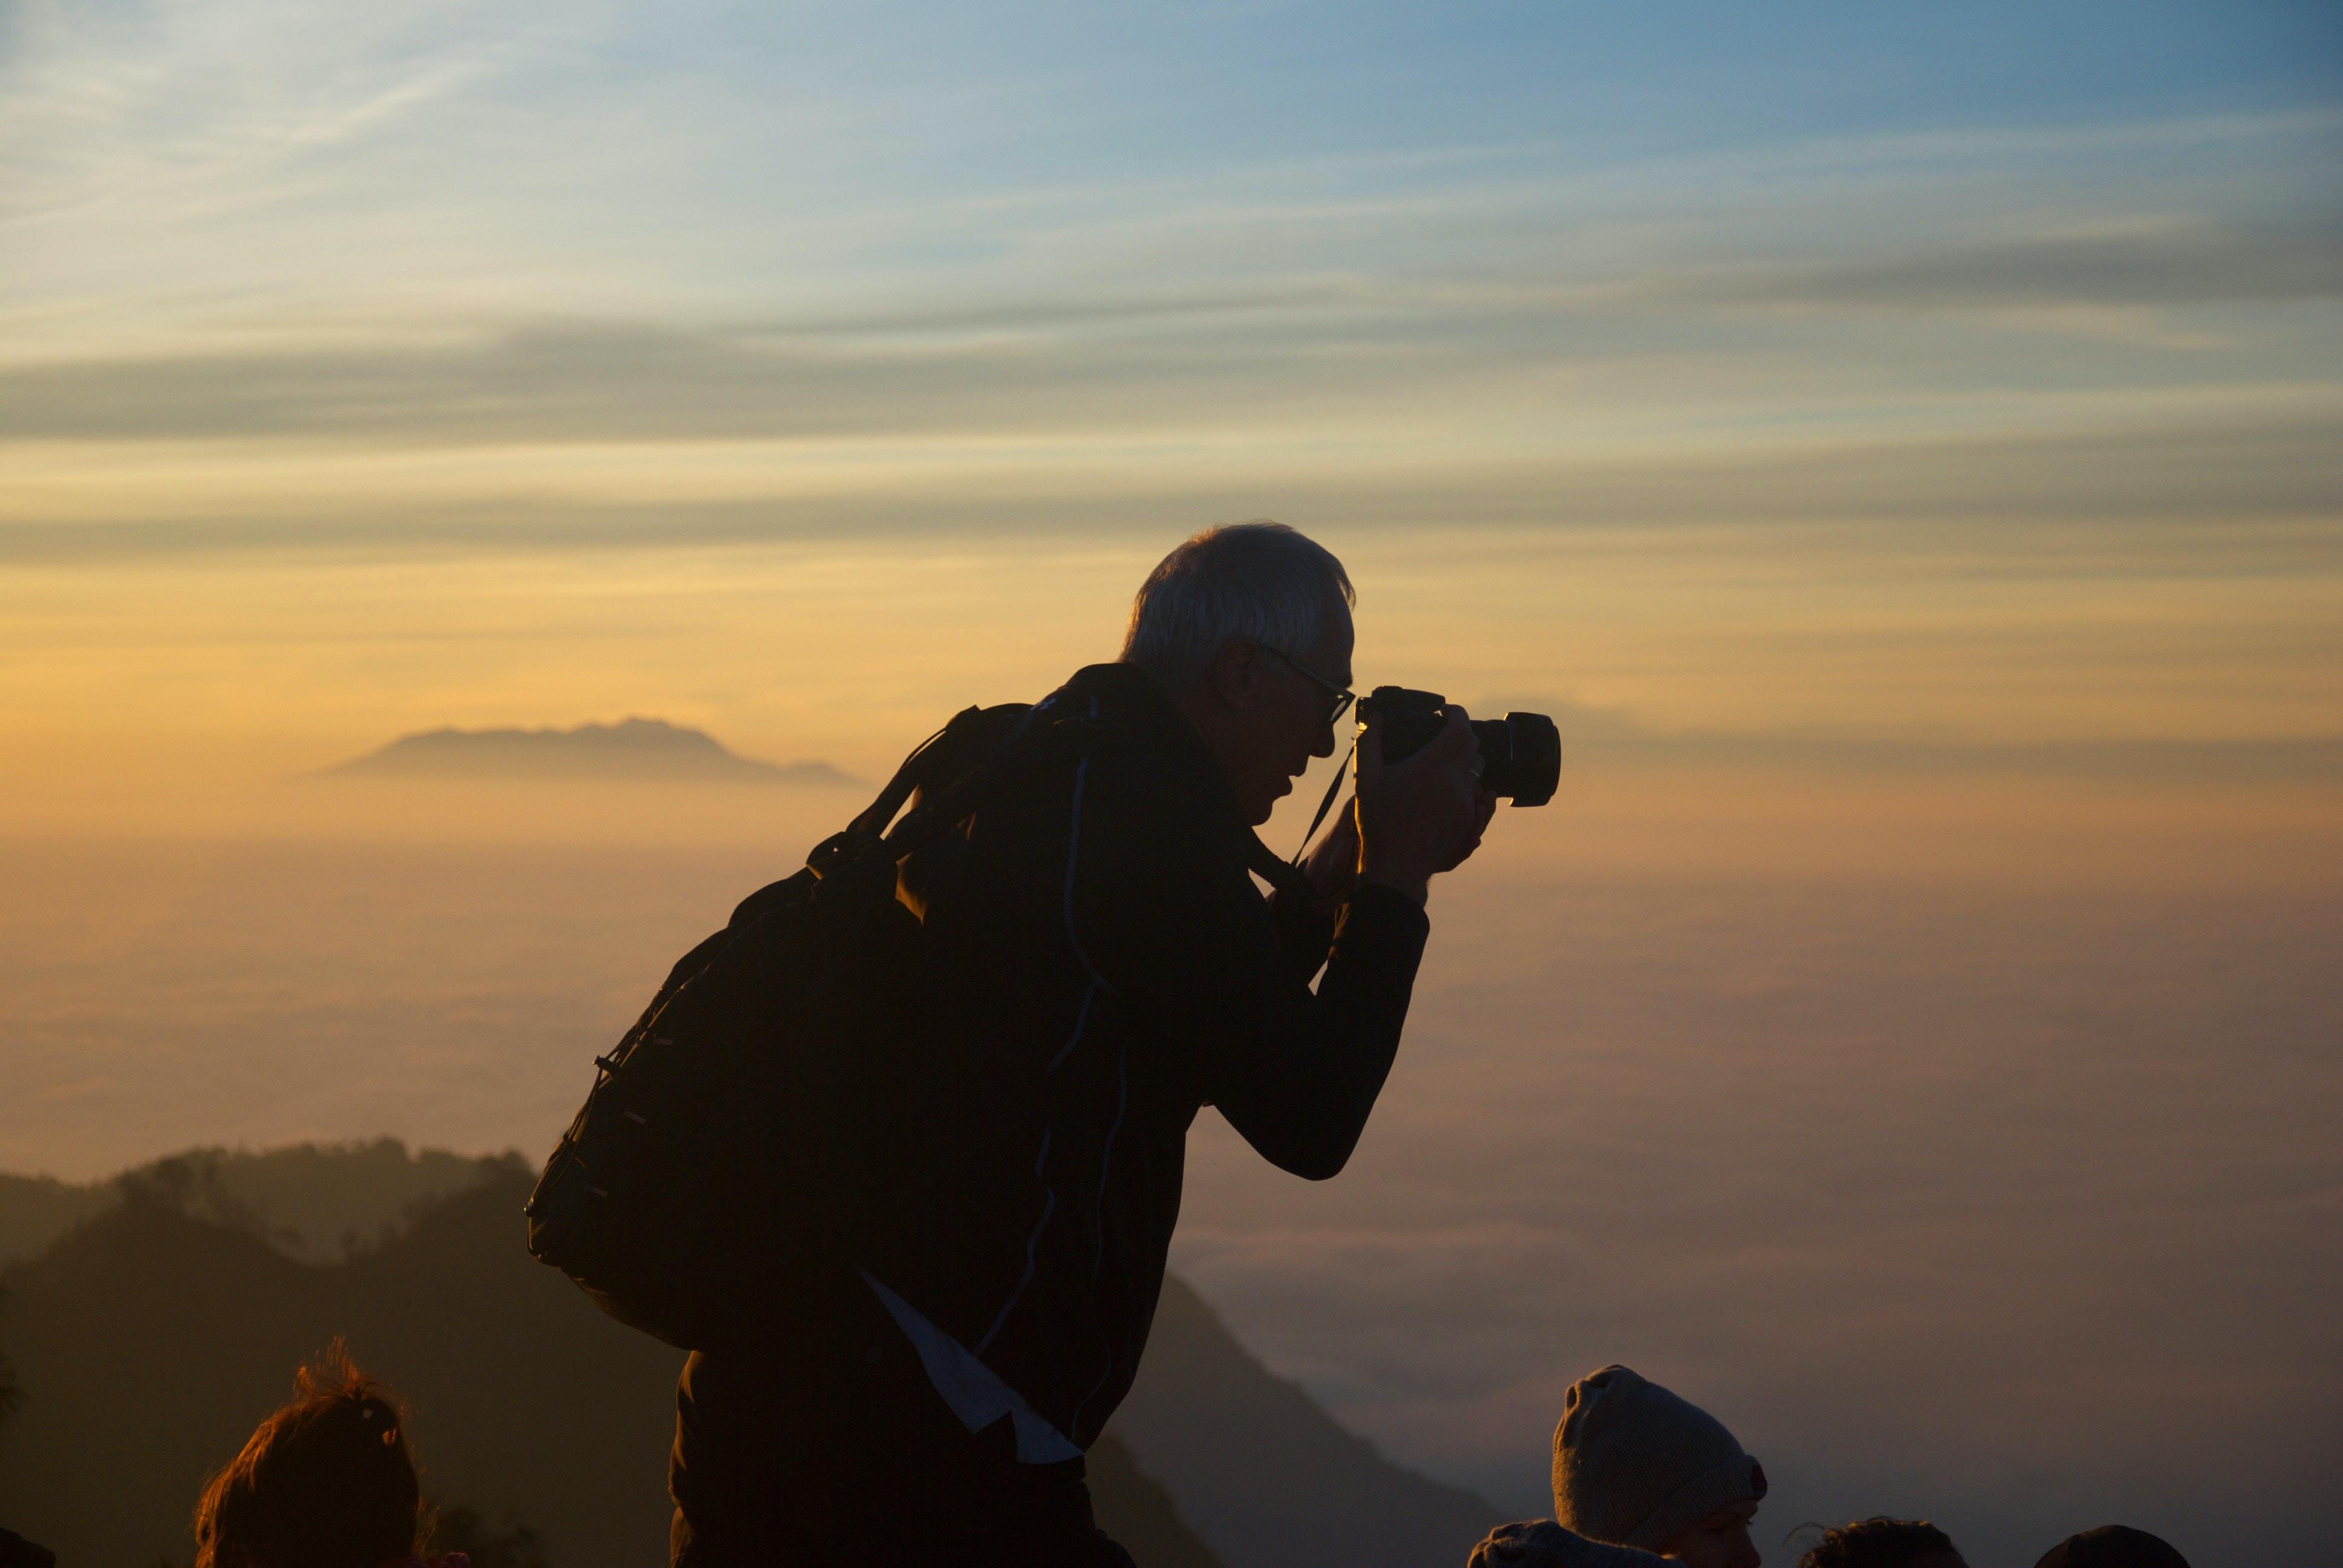 man using DSLR camera on mountain